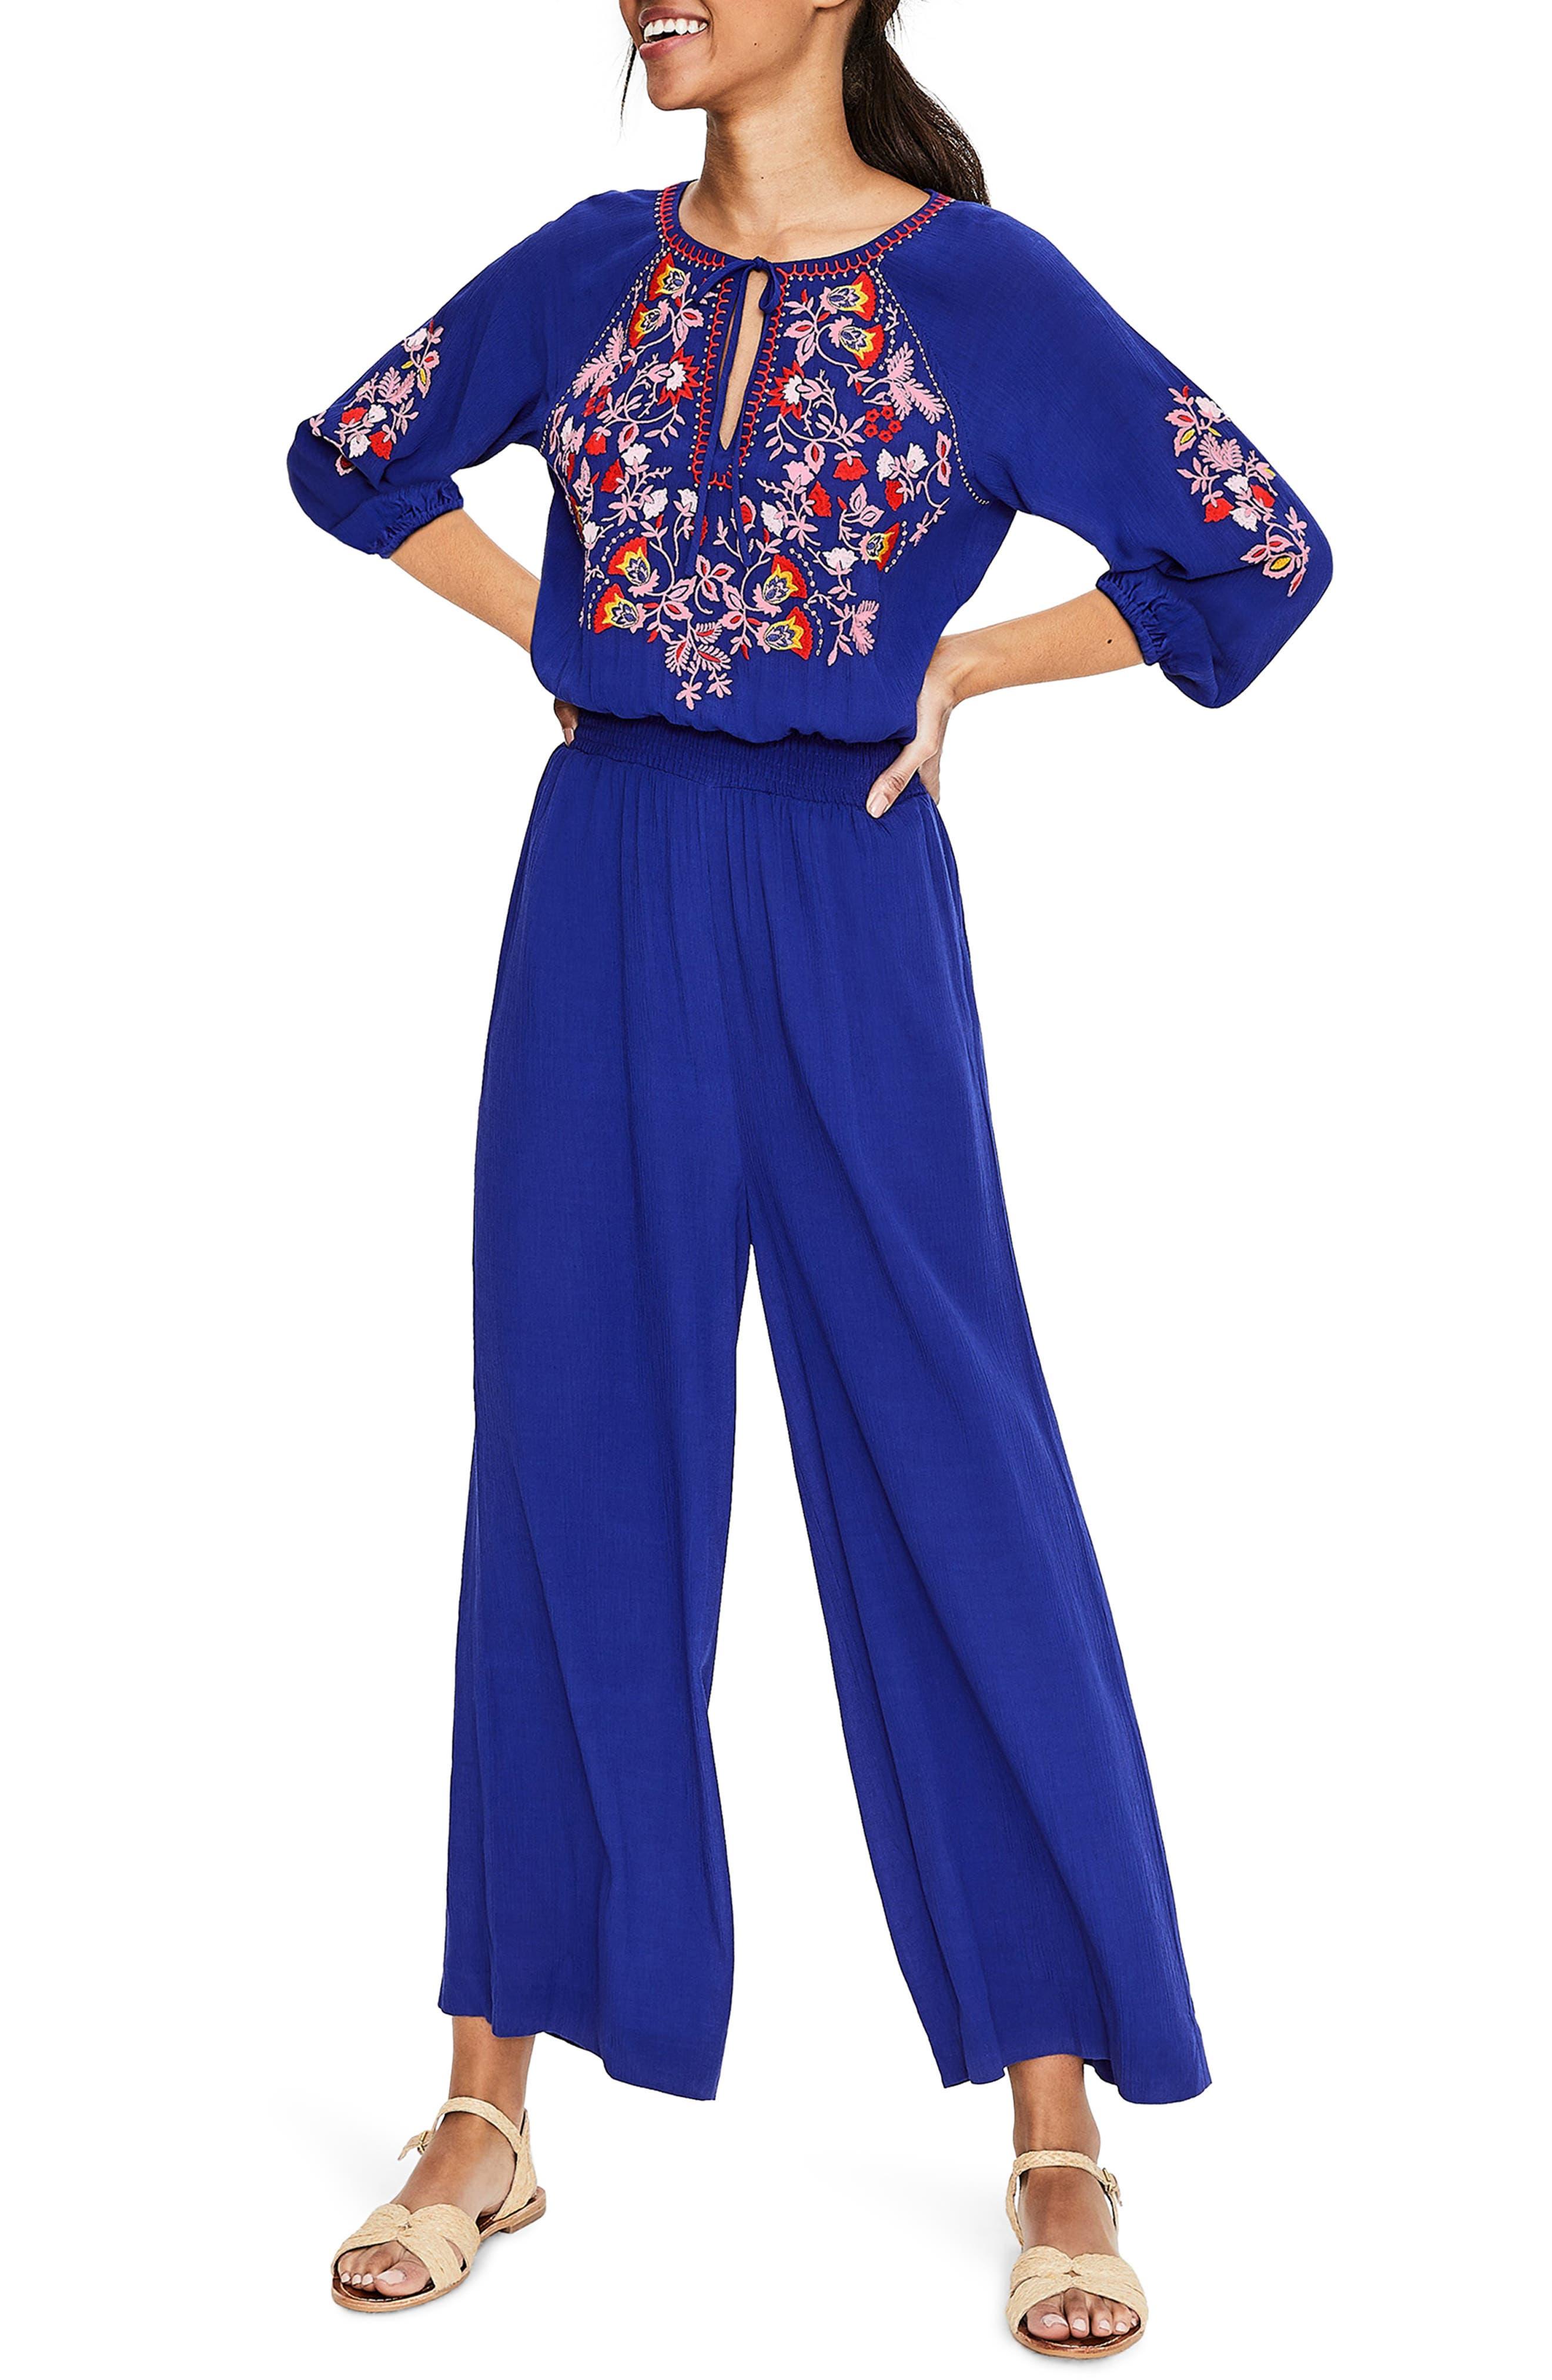 Boden Natalie Embroidered Jumpsuit, Blue